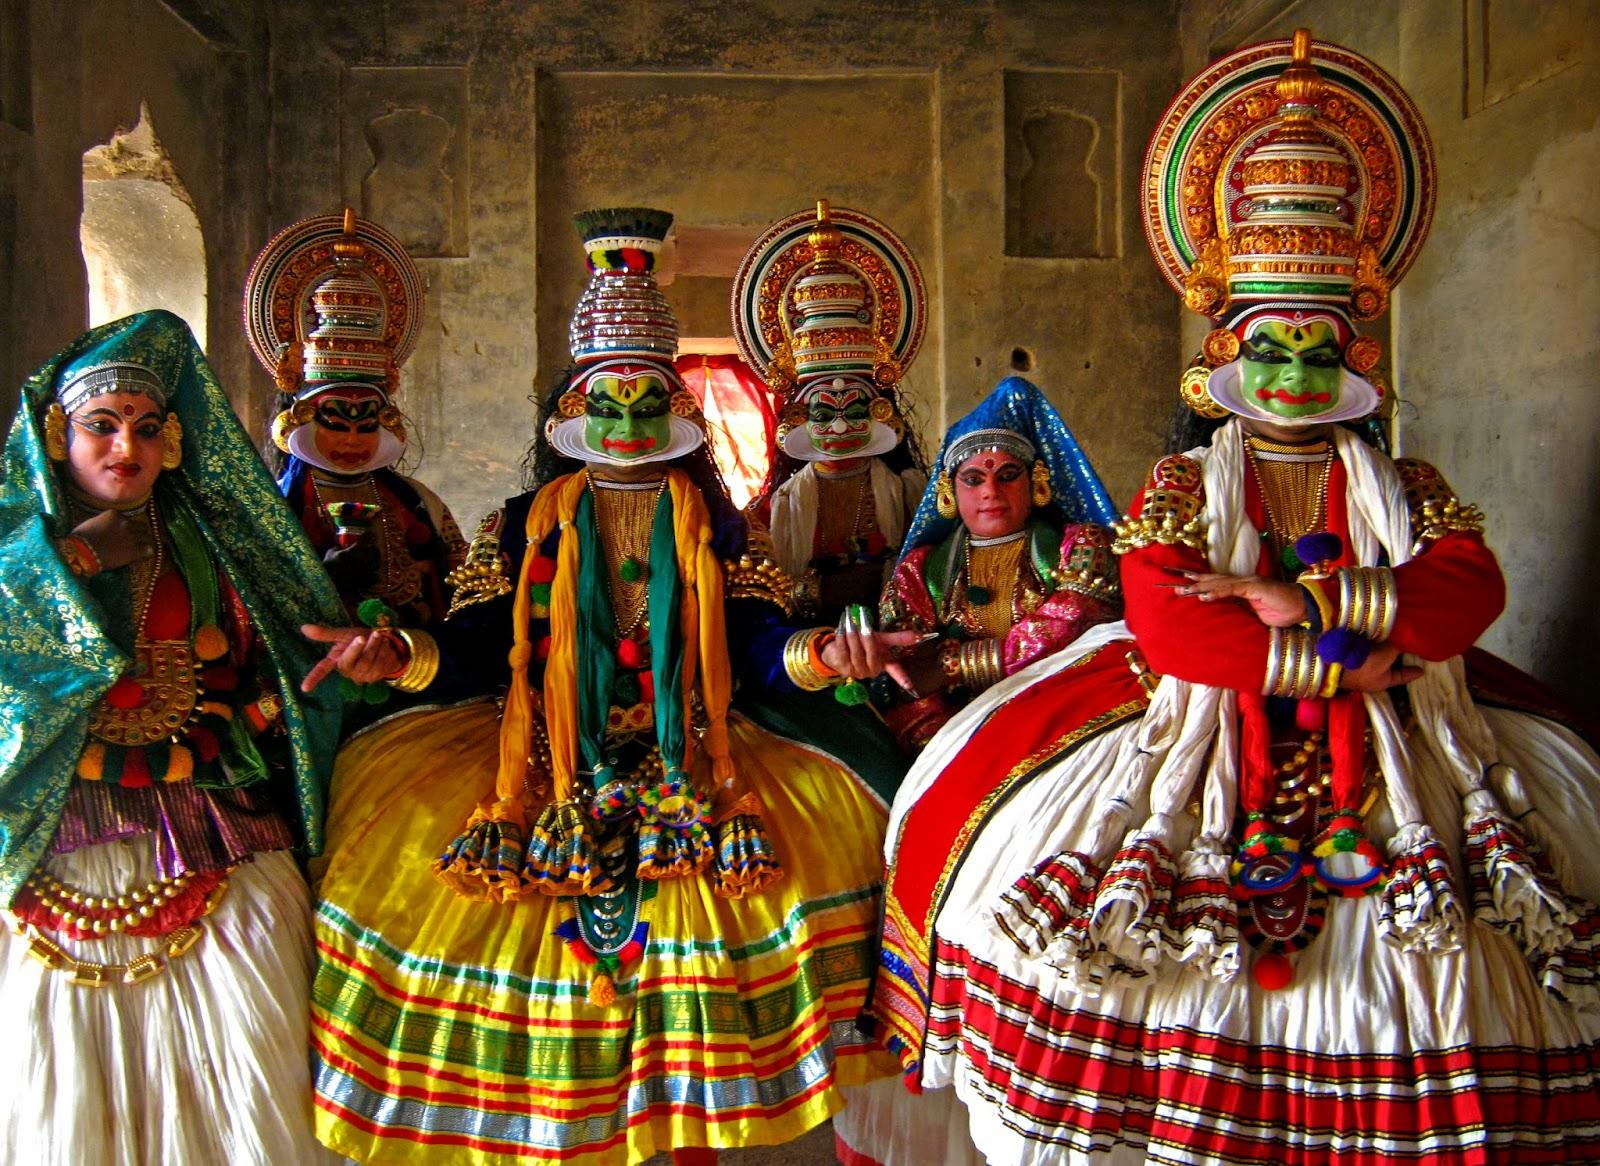 Kathikali costumes